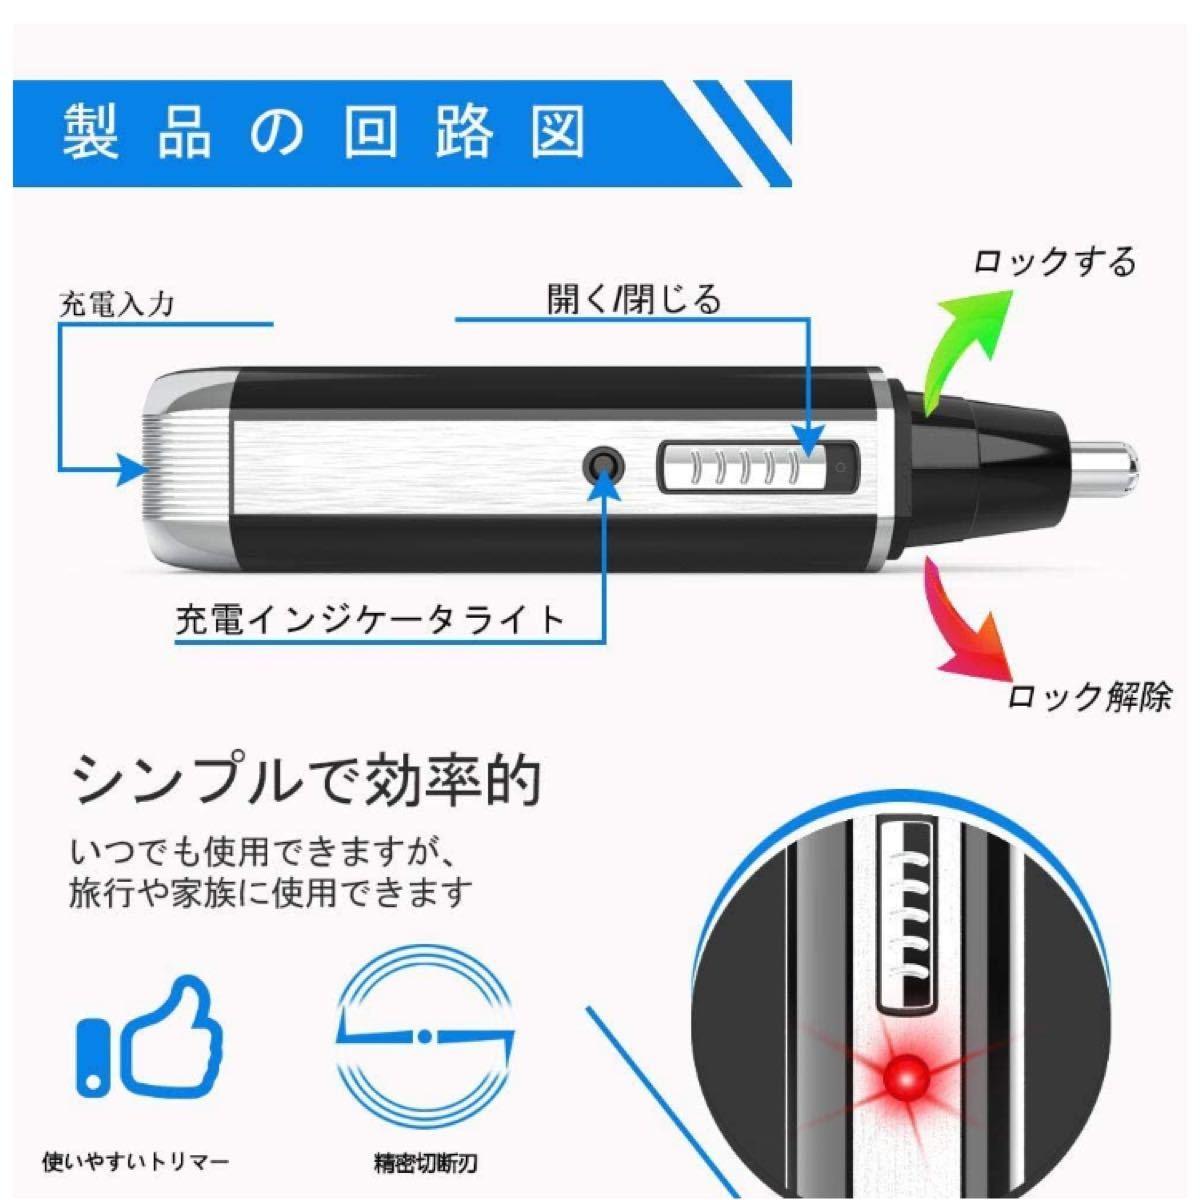 鼻毛カッター USB充電 1台4役多機能 低騒音 両刃回転刃 エチケットカッター